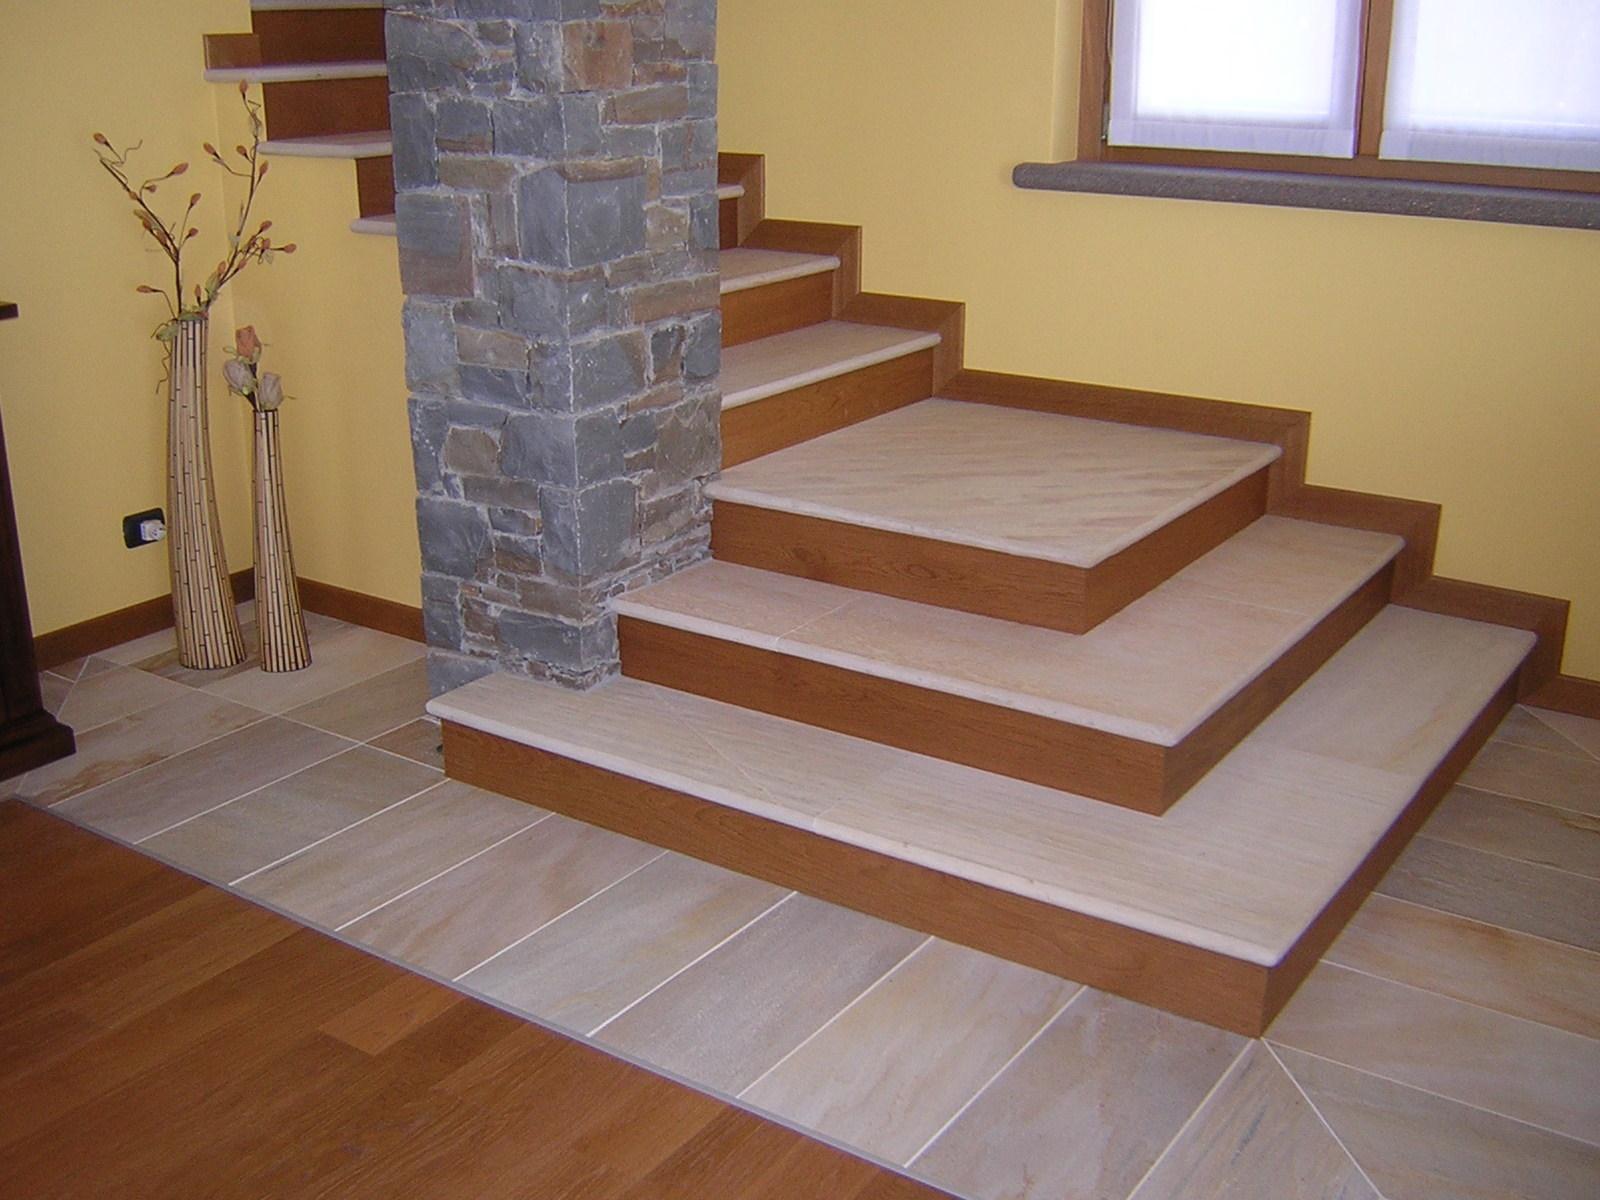 Pietra Grigia Per Davanzali scale - lavorati vari - schenatti srl - real stone covering